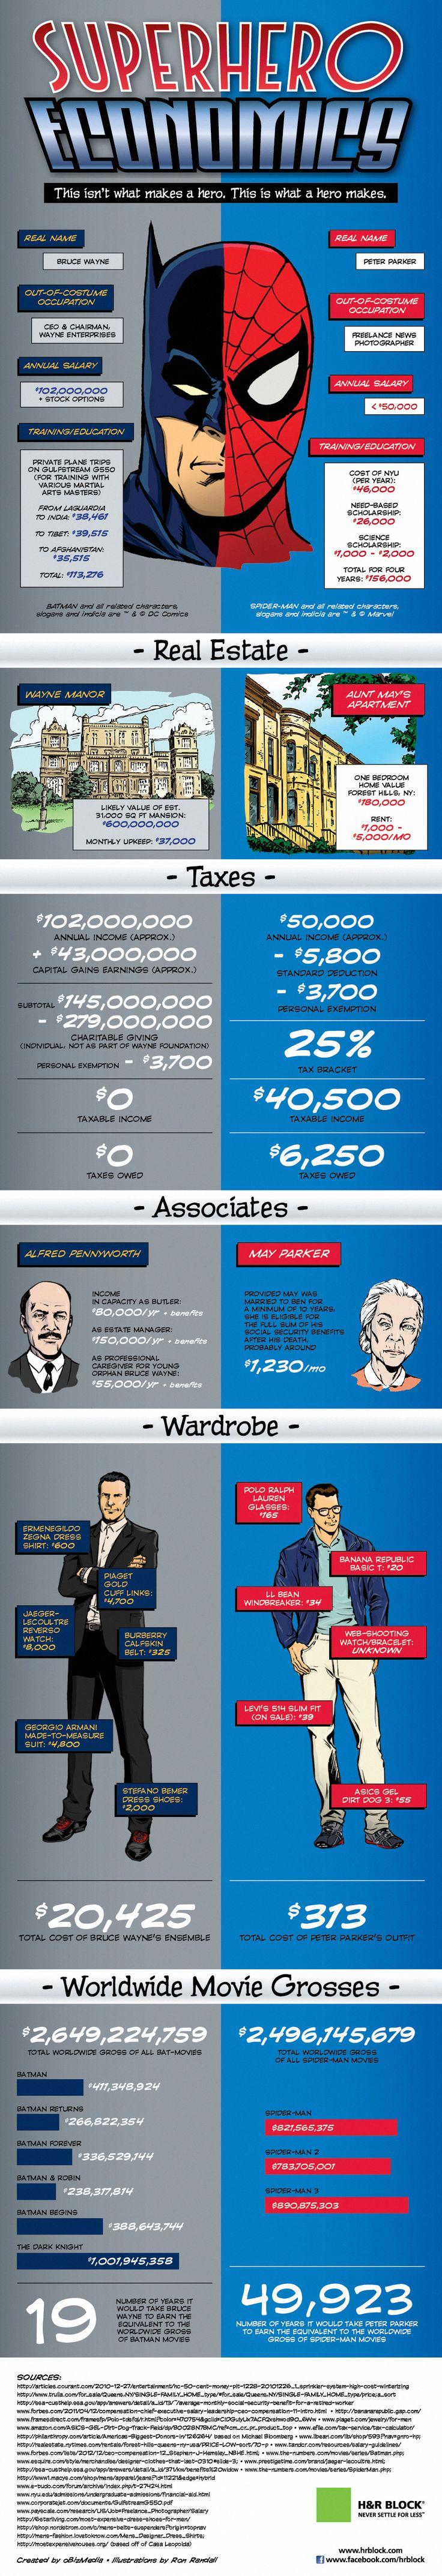 Superhero economics